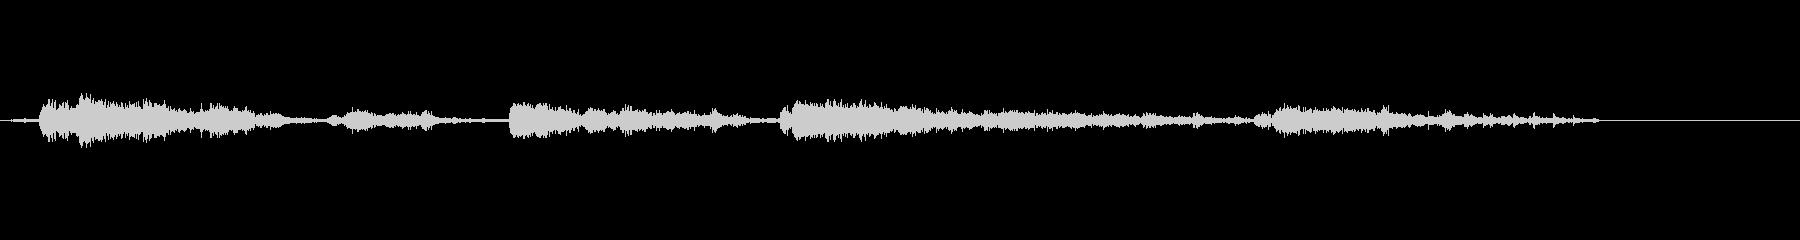 スモールブラストの爆発と爆弾の未再生の波形